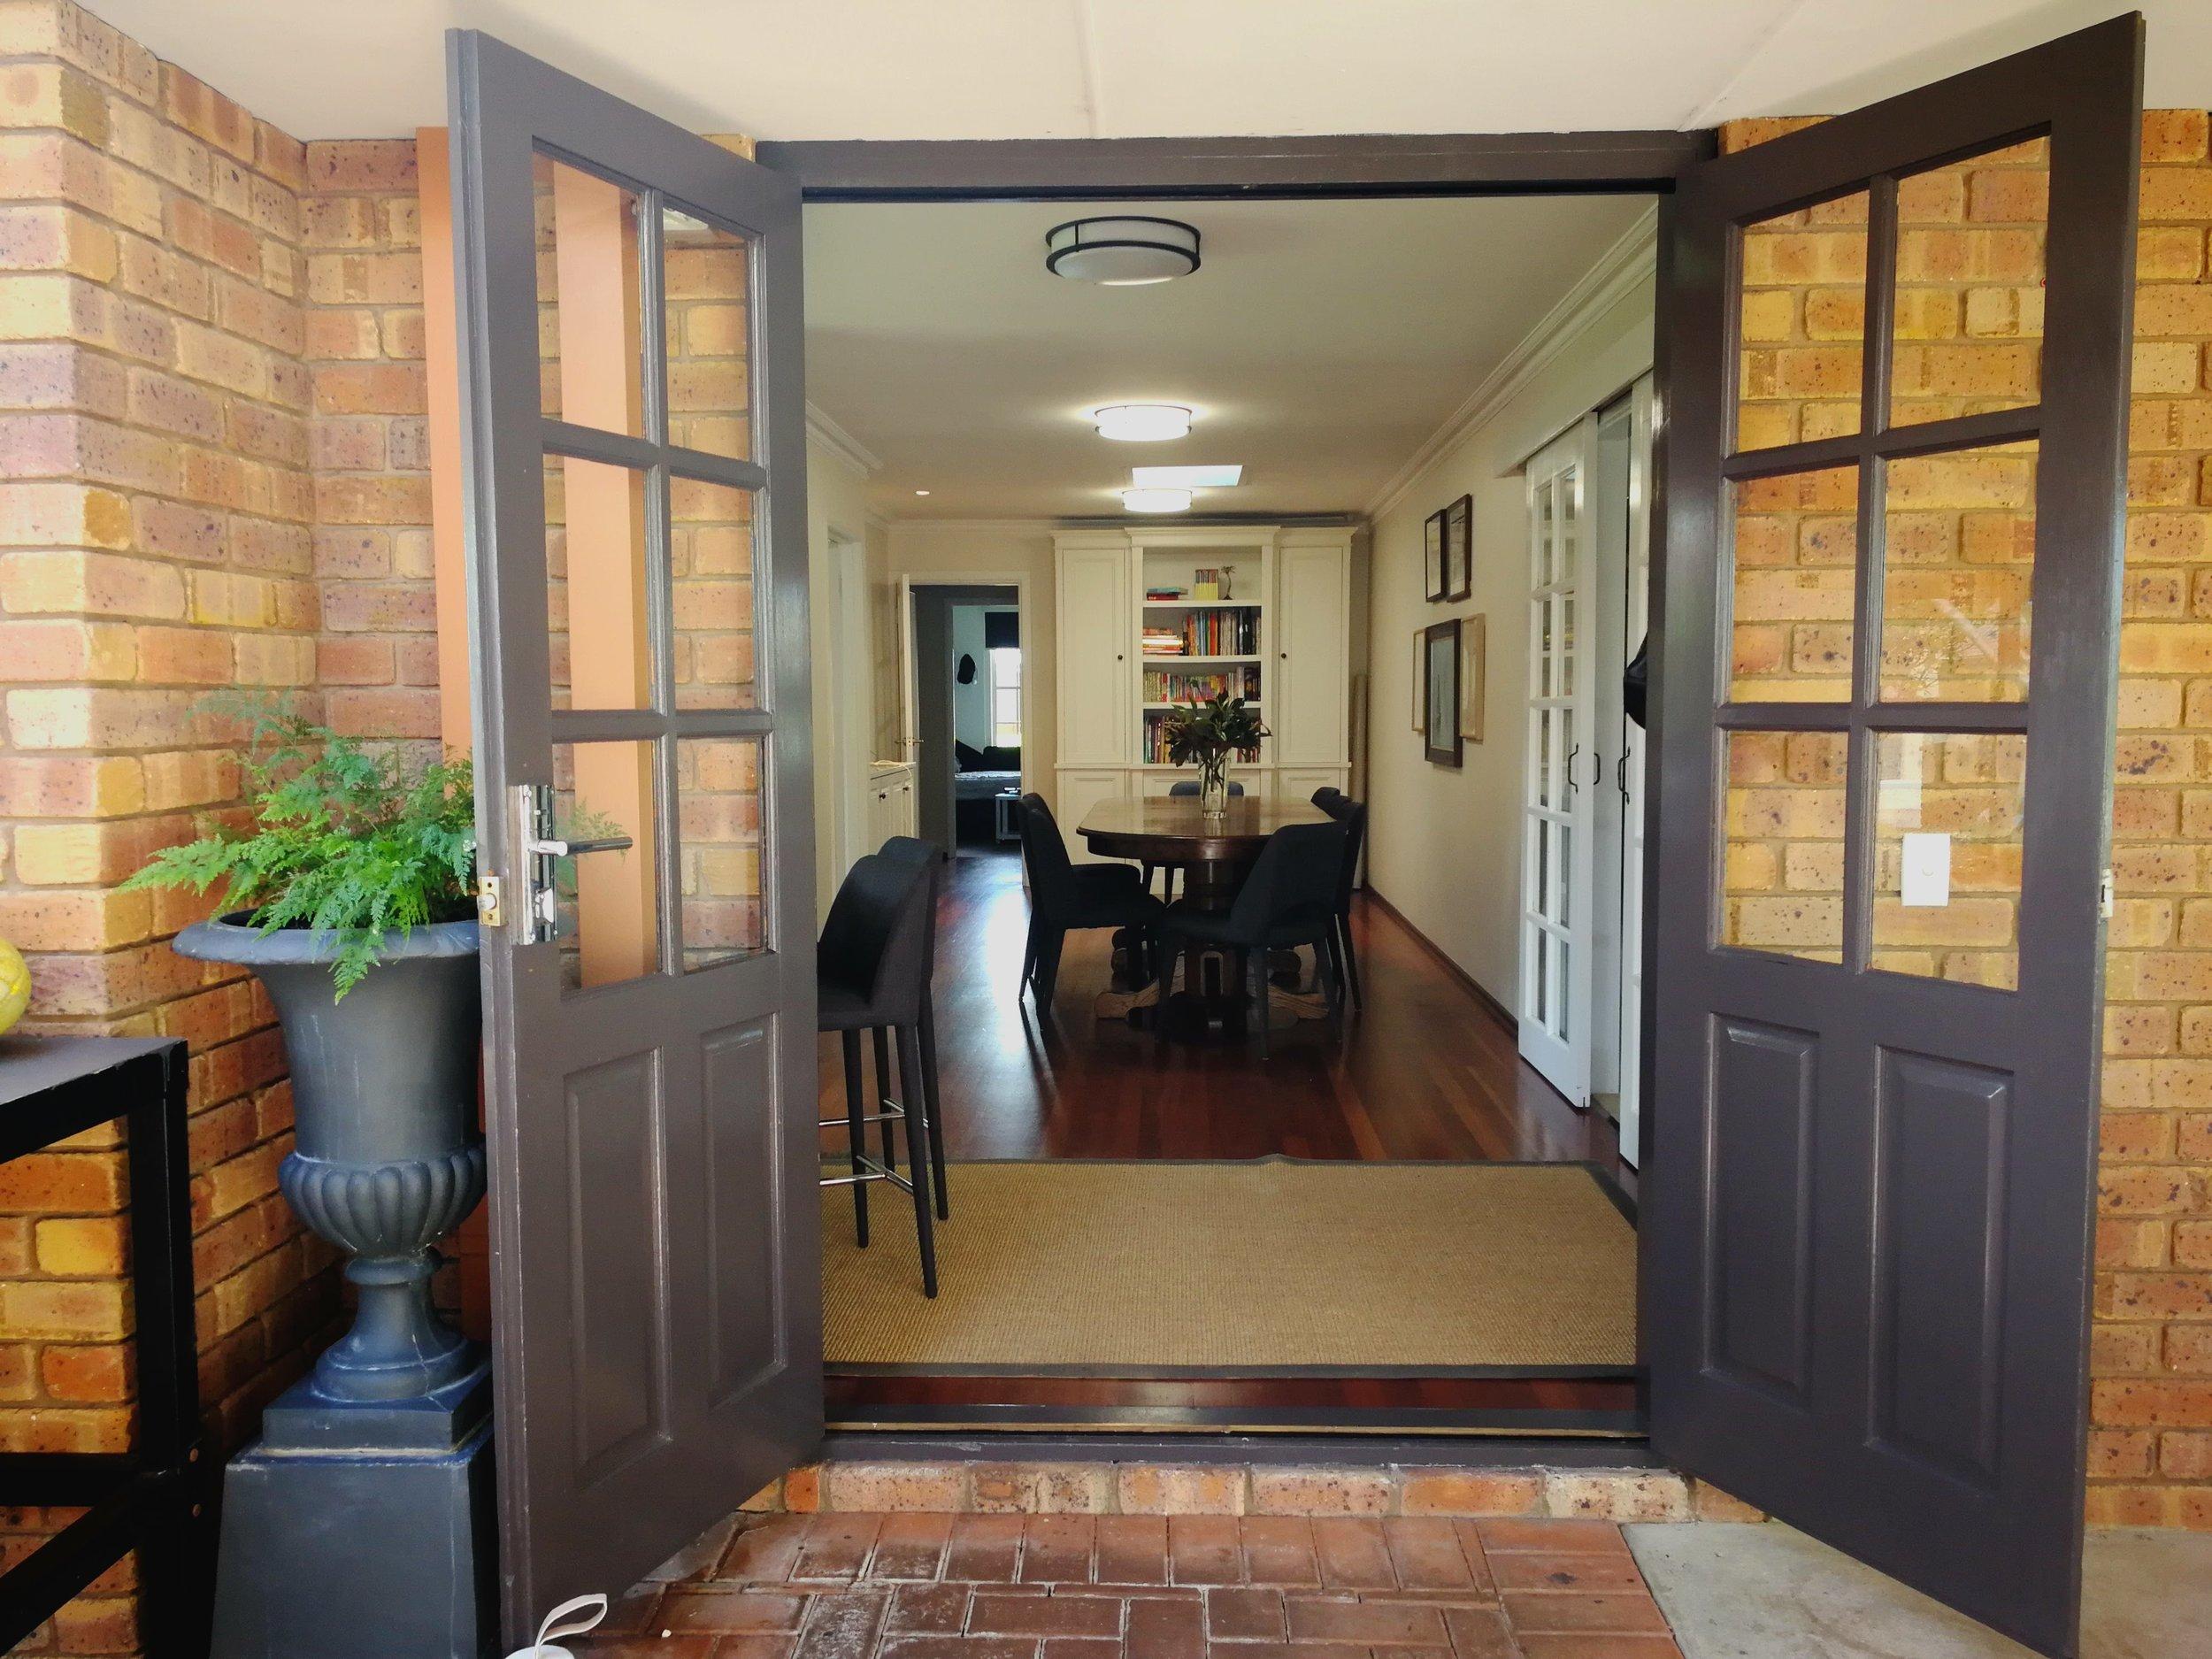 hamptons style french doors.jpeg